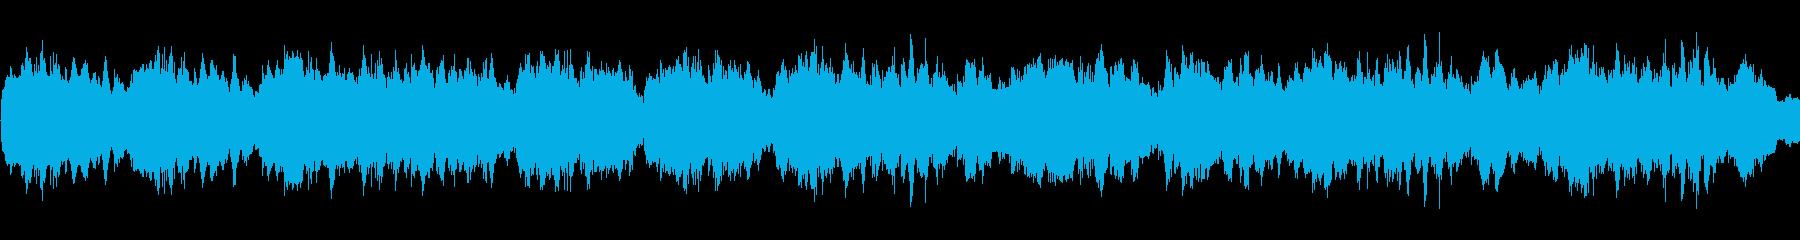 キラキラしたかわいいBGMの再生済みの波形